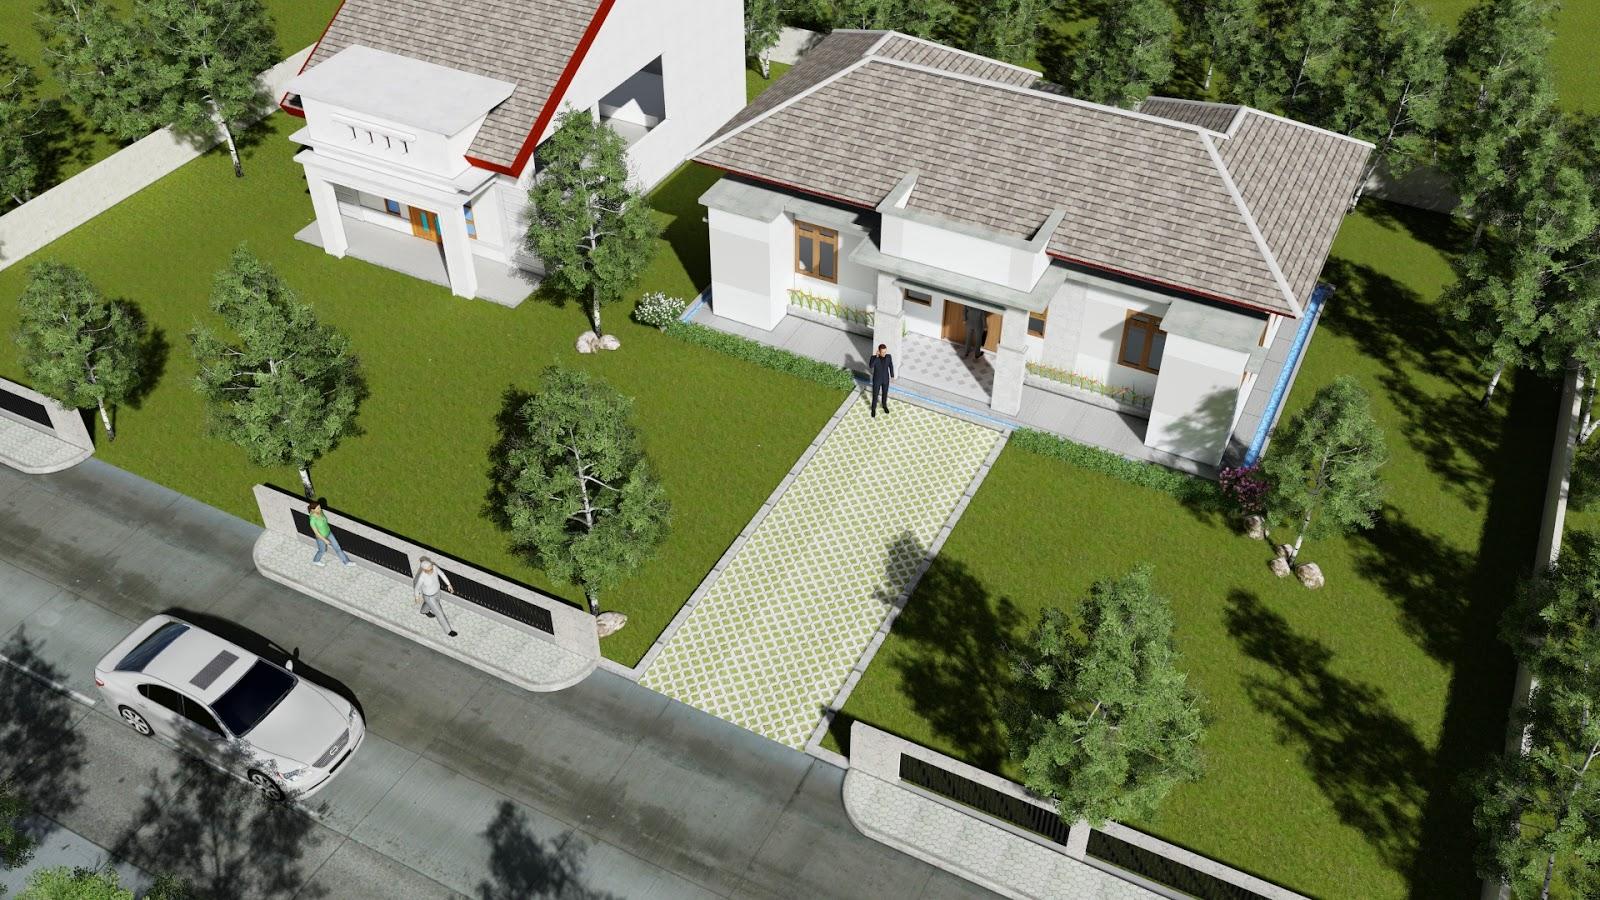 Design visualizer desain kantor desa for Design visualizer